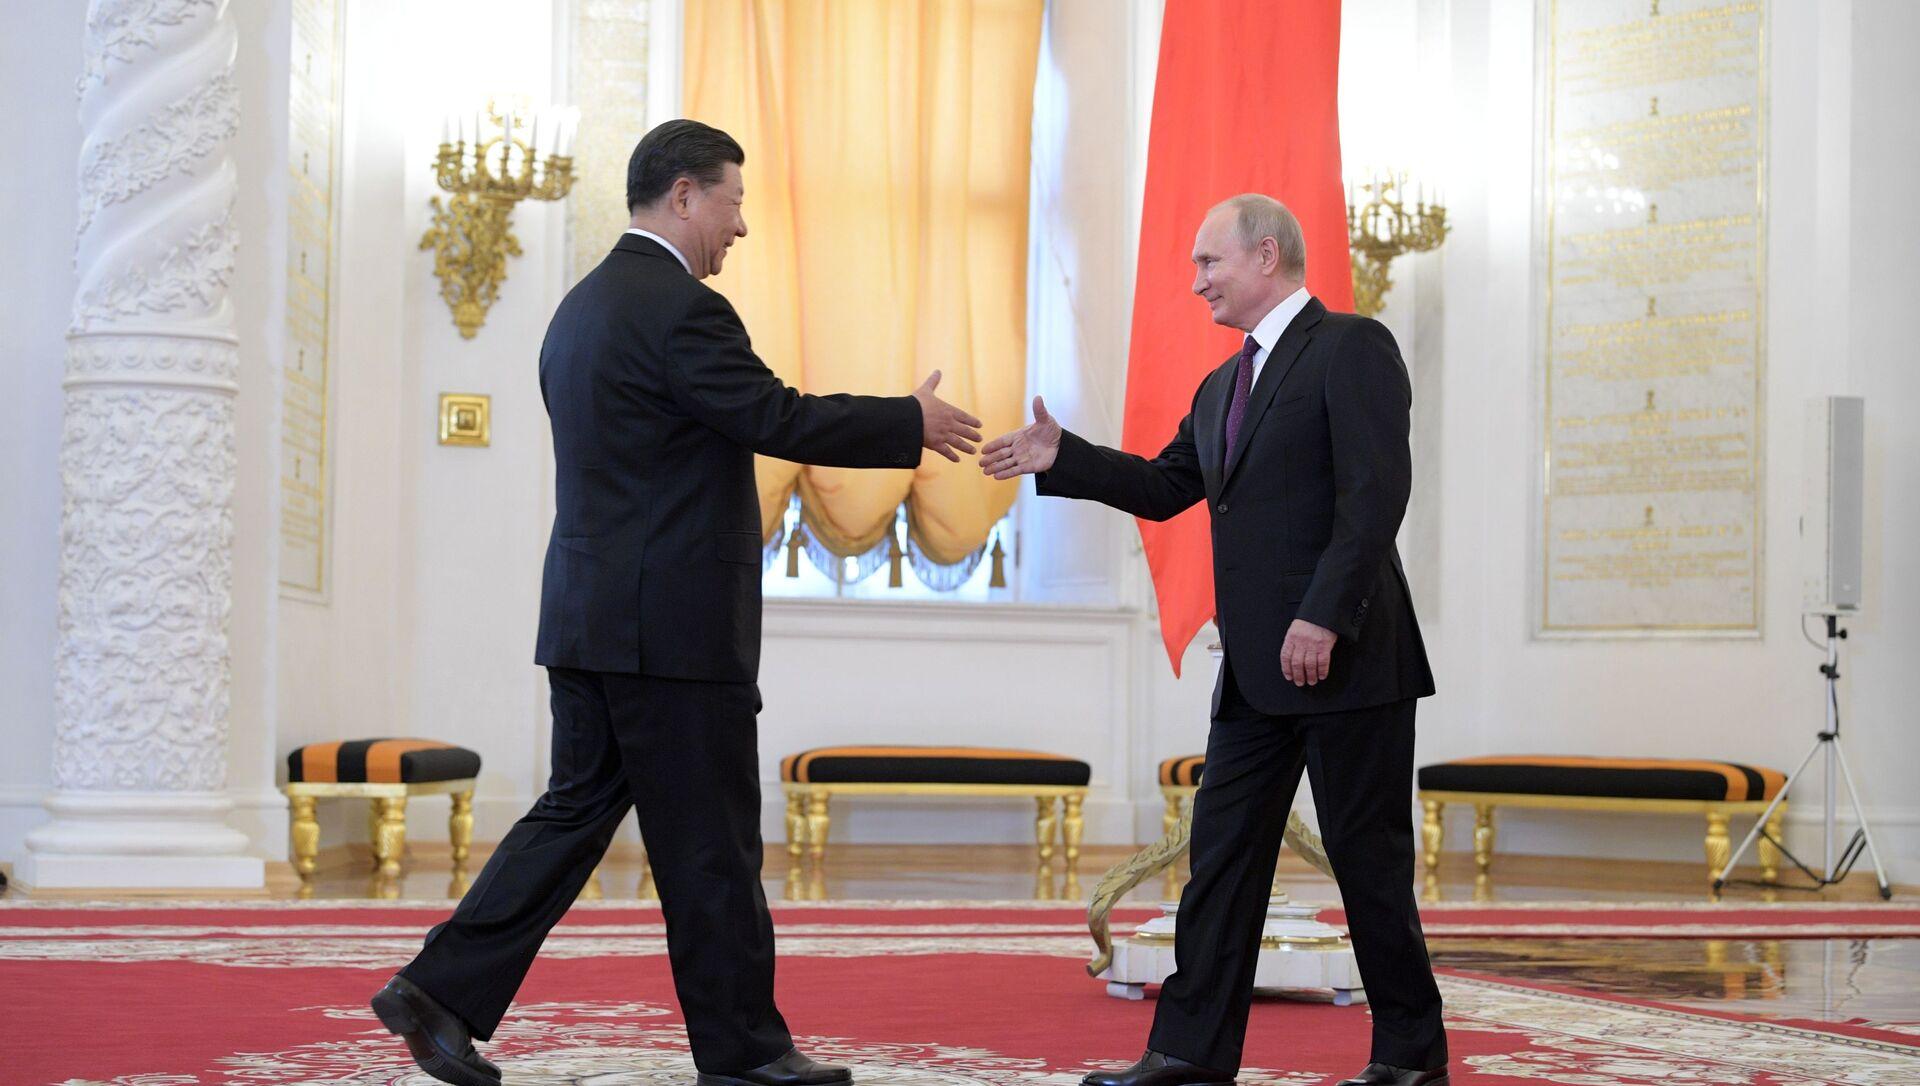 Председатель КНР Си Цзиньпин и президент РФ Владимир Путин на церемонии официальной встречи в Георгиевском зале Кремля - Sputnik Азербайджан, 1920, 28.06.2021